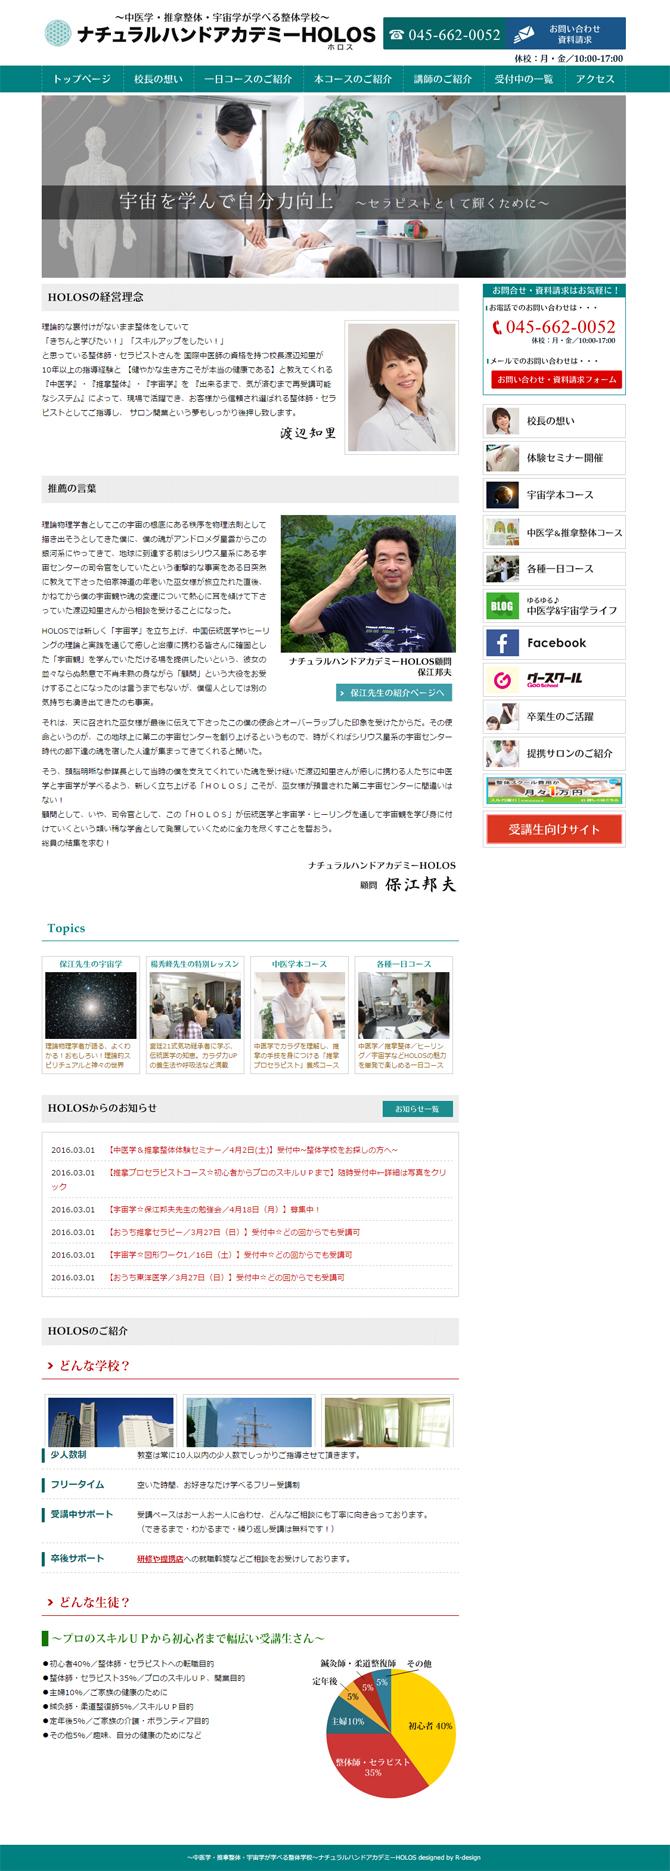 横浜整体学校ホームページ制作実績2